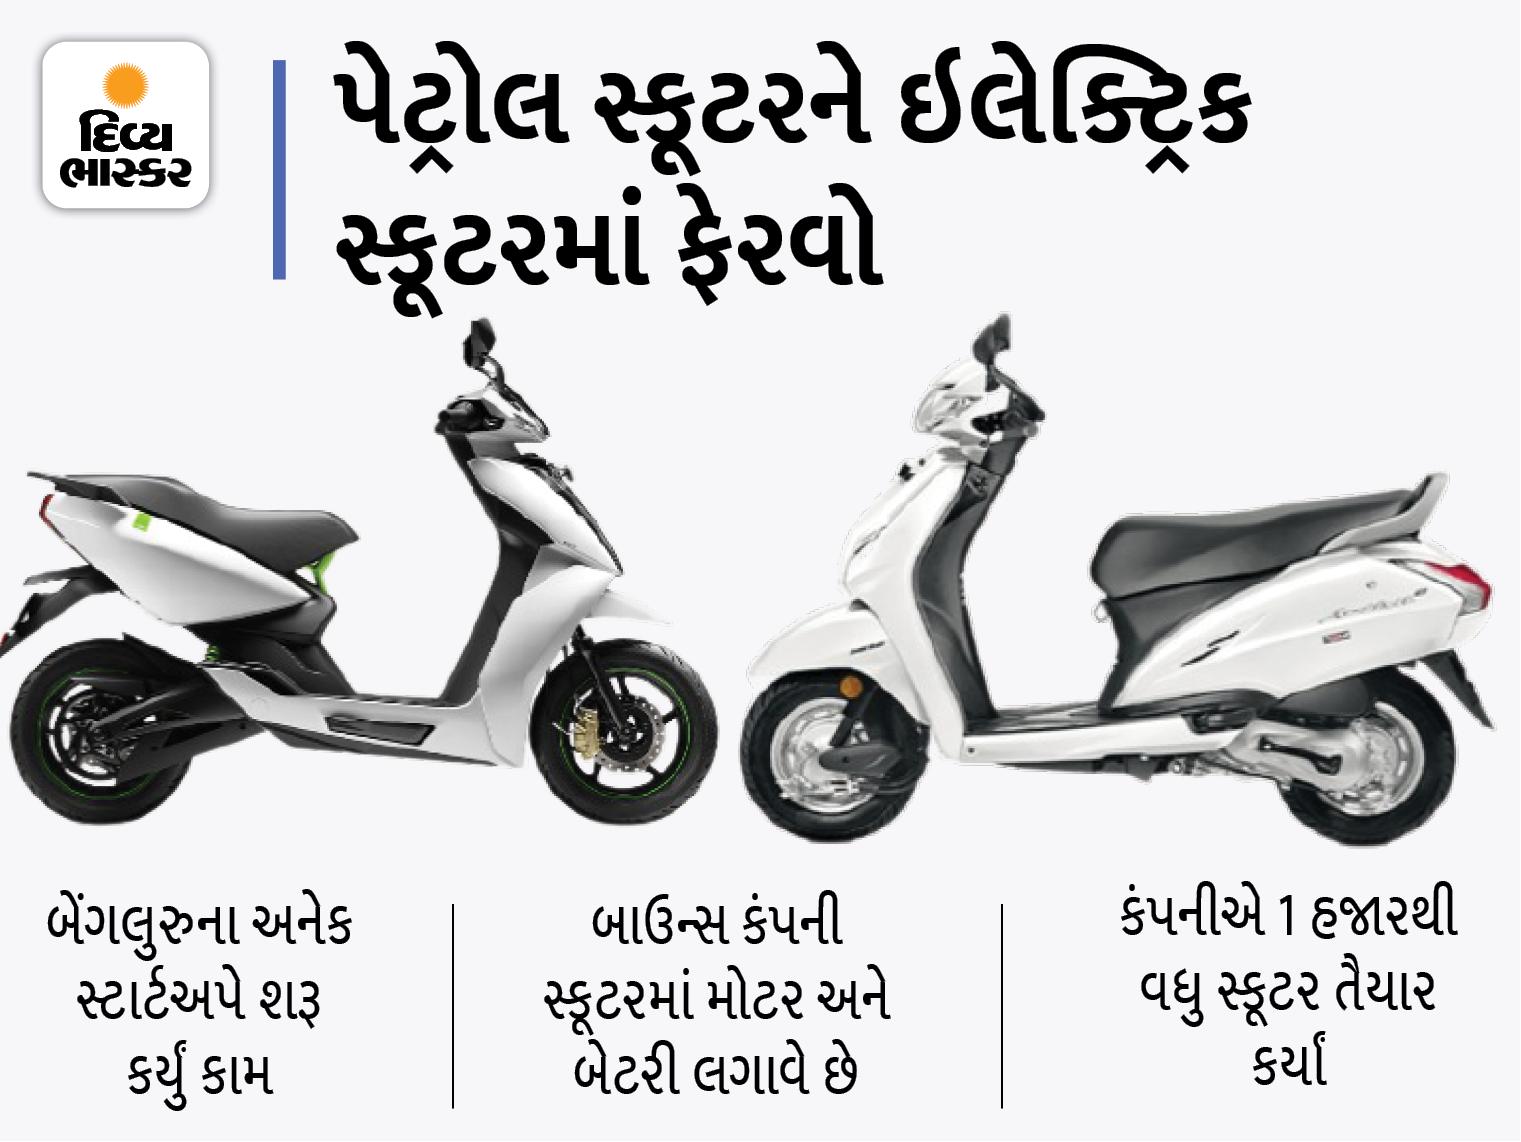 હવે નવું ઇ-સ્કૂટર ખરીદવાની જરૂર નહીં!! જૂનું પેટ્રોલ સ્કૂટર જ ઇલેક્ટ્રિકમાં કન્વર્ટ થઈ જશે, ખર્ચ કેટલો થશે જાણી લો|ઓટોમોબાઈલ,Automobile - Divya Bhaskar